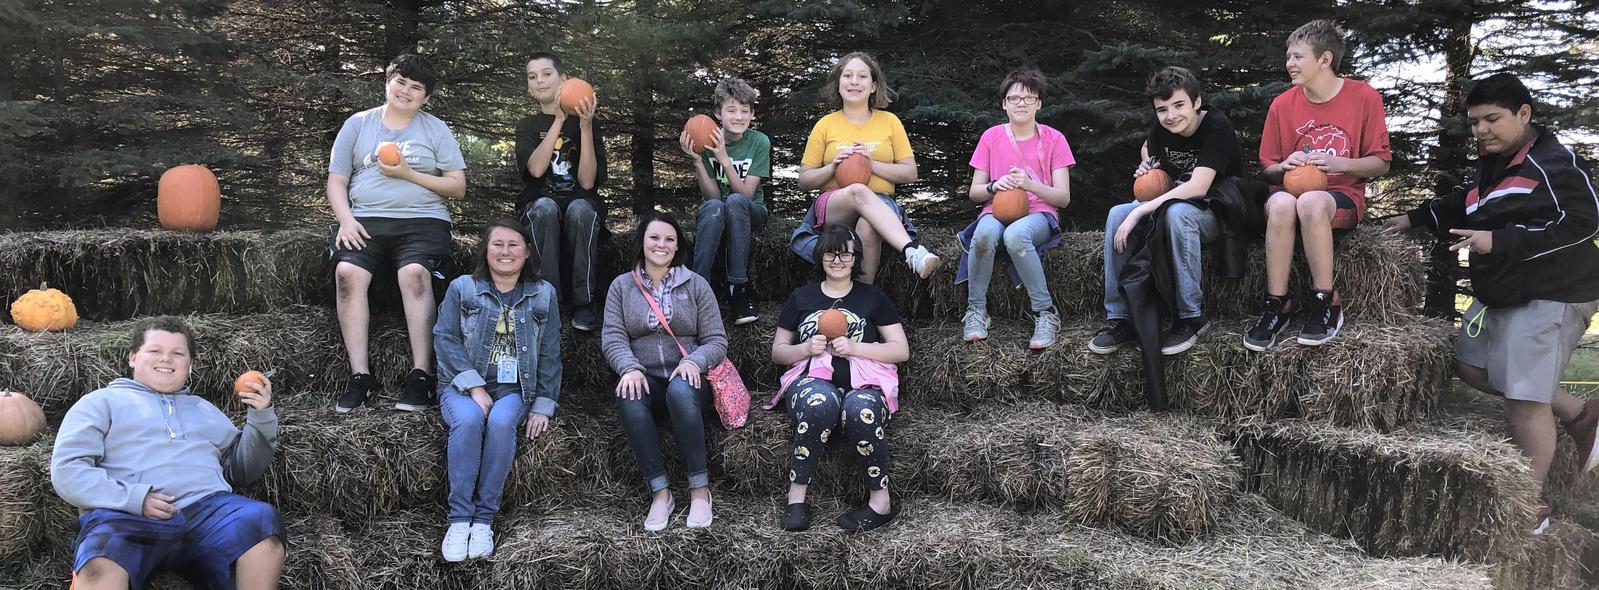 Mrs. Danielson's class at the pumpkin patch